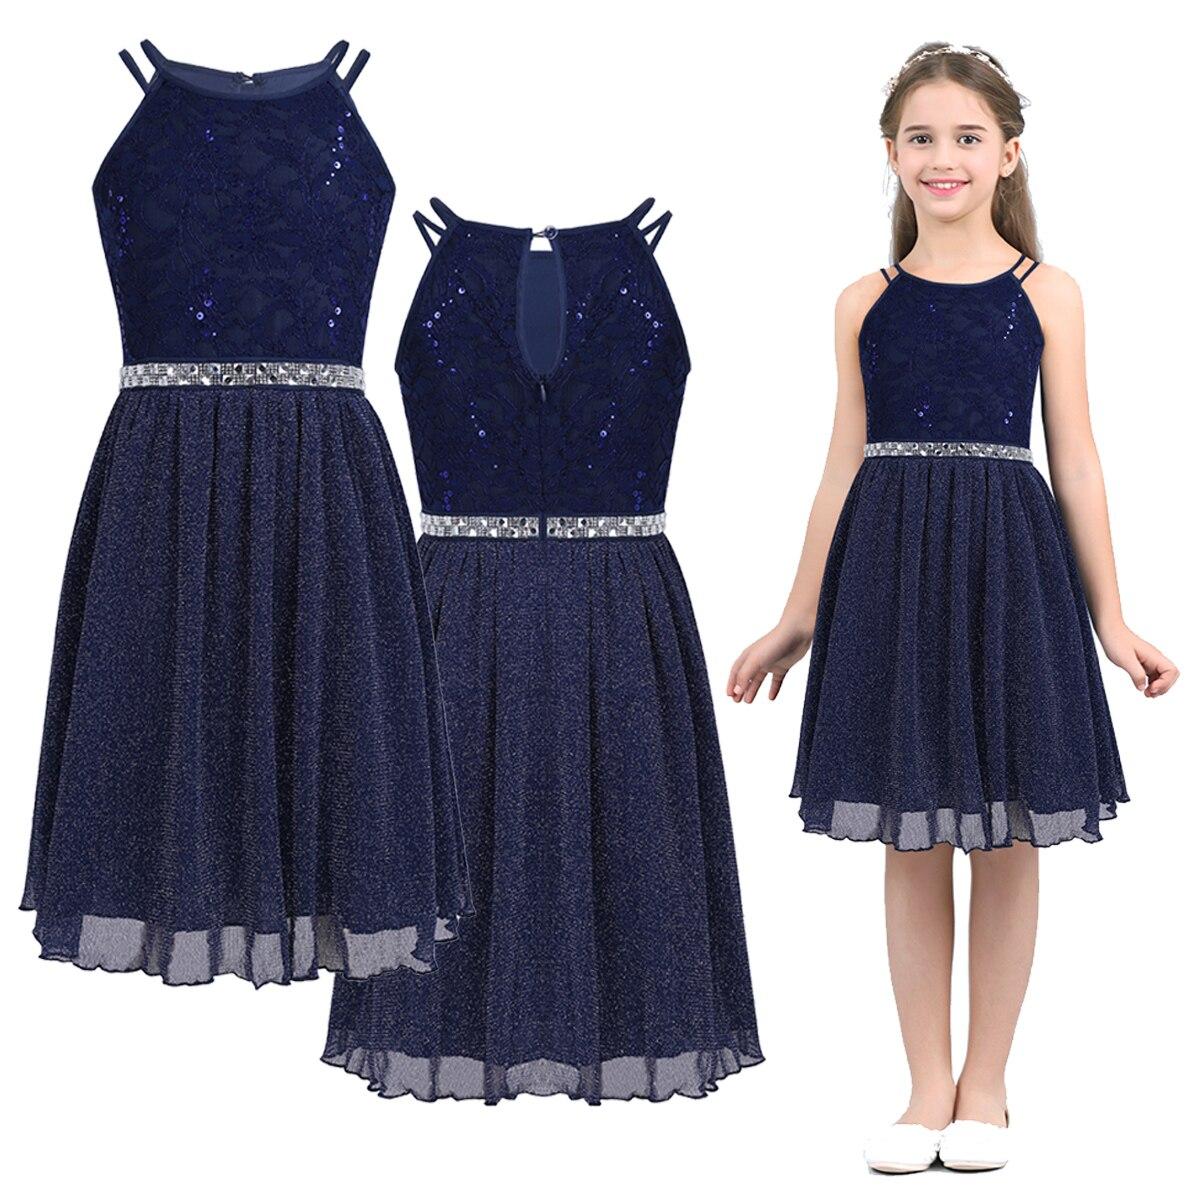 e5aaaf9f9f78aa4 Летнее кружевное платье для девочек детская одежда Вечерние платья  принцессы для маленьких девочек блестящее платье на свадьбу костюм для .